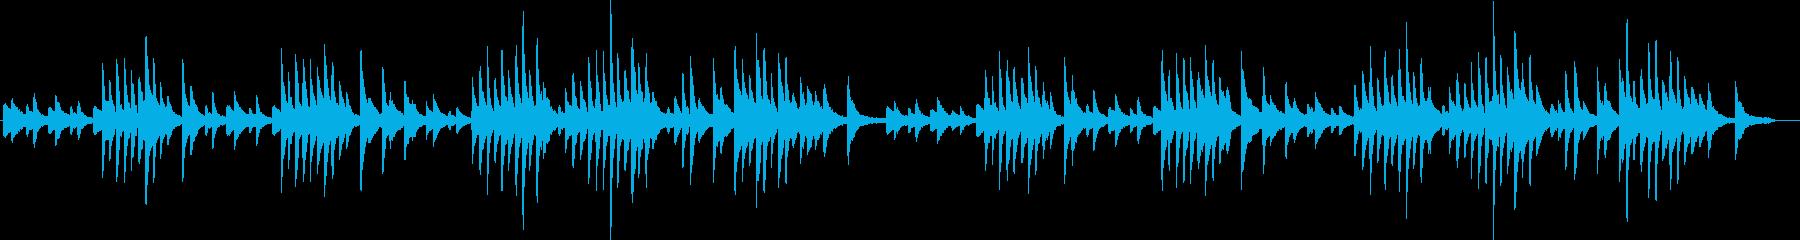 エリックサティの代表作ジムノペティ第一番の再生済みの波形